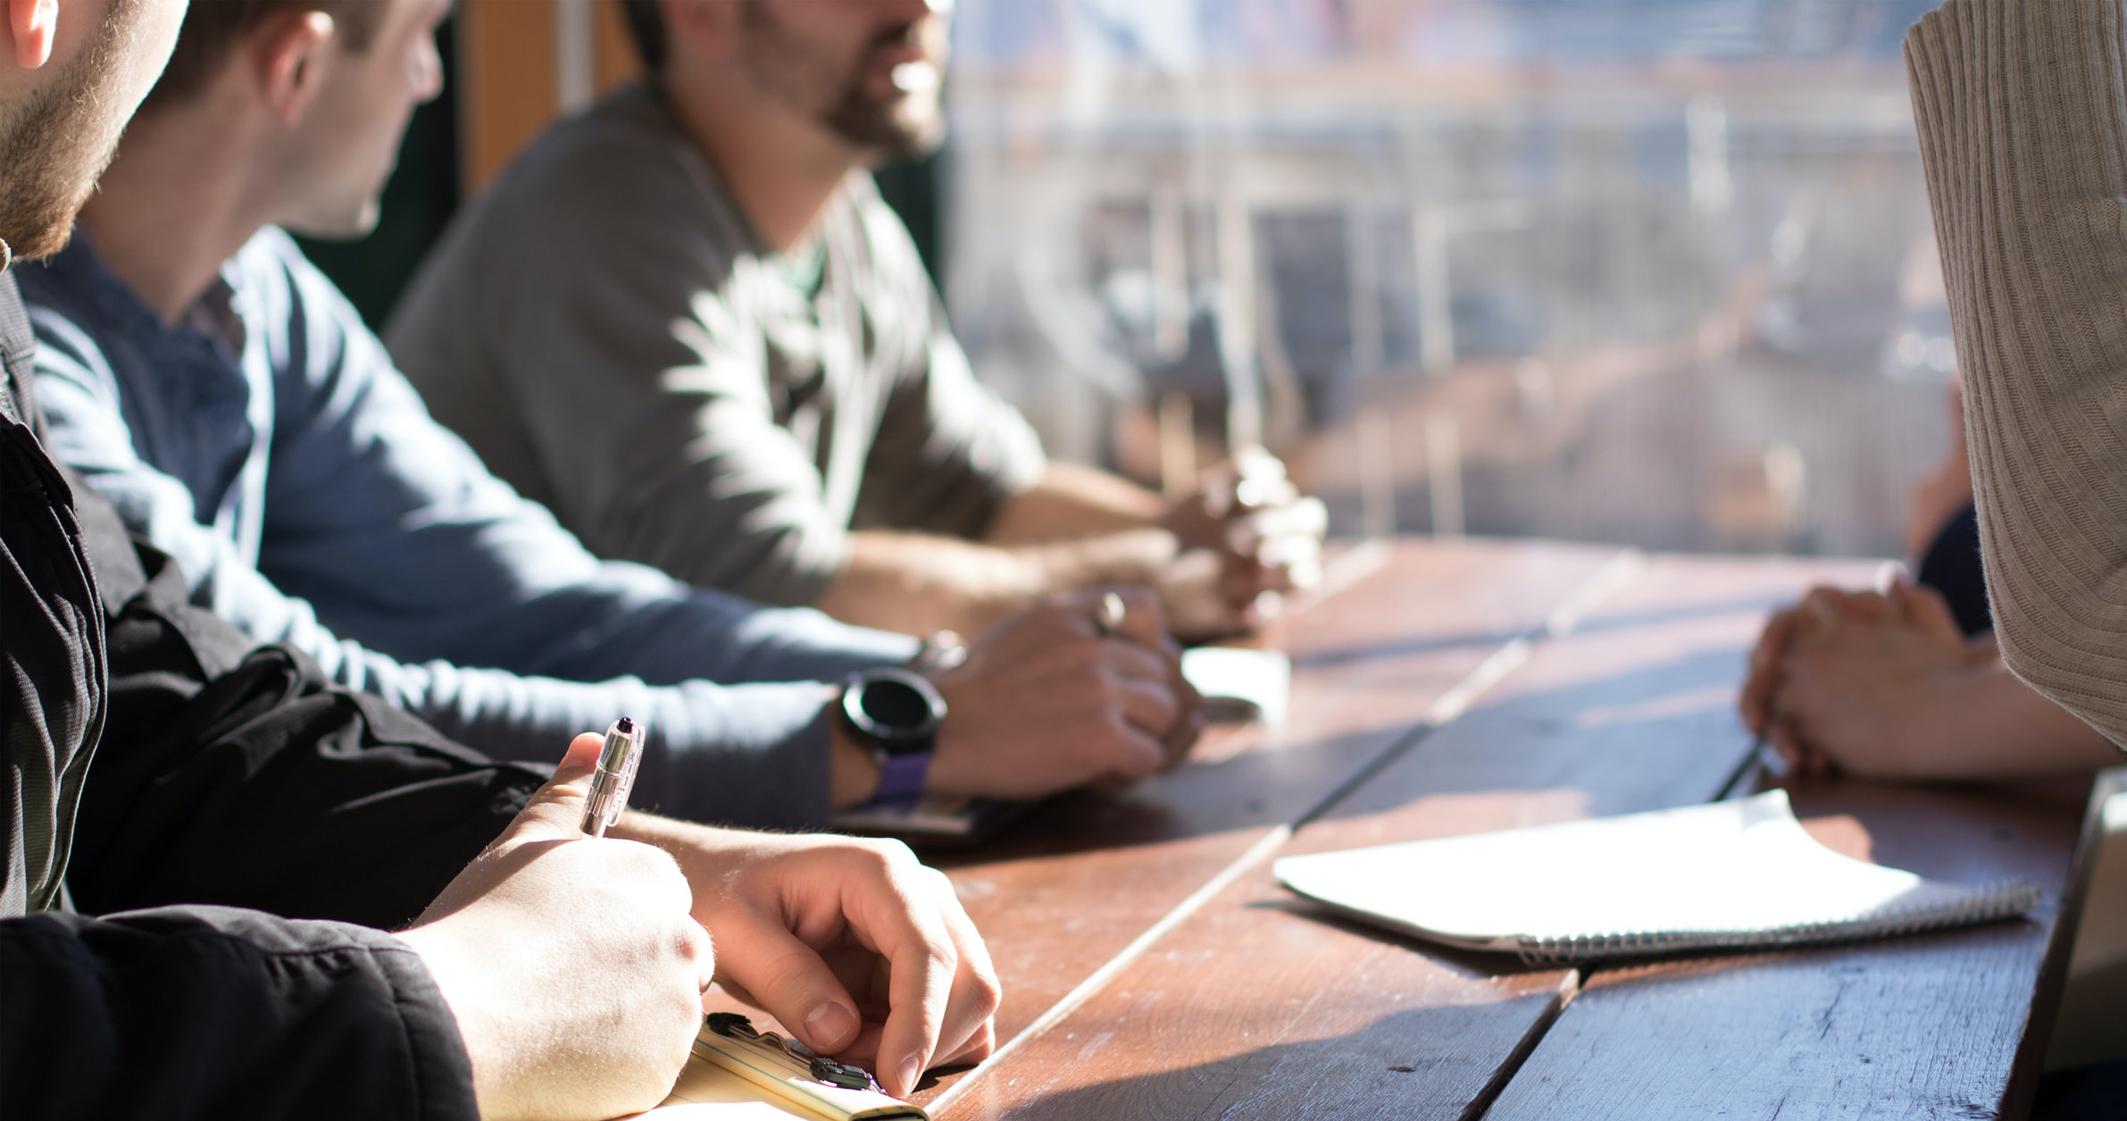 Eine Gruppe sitzt am Tisch und diskutiert